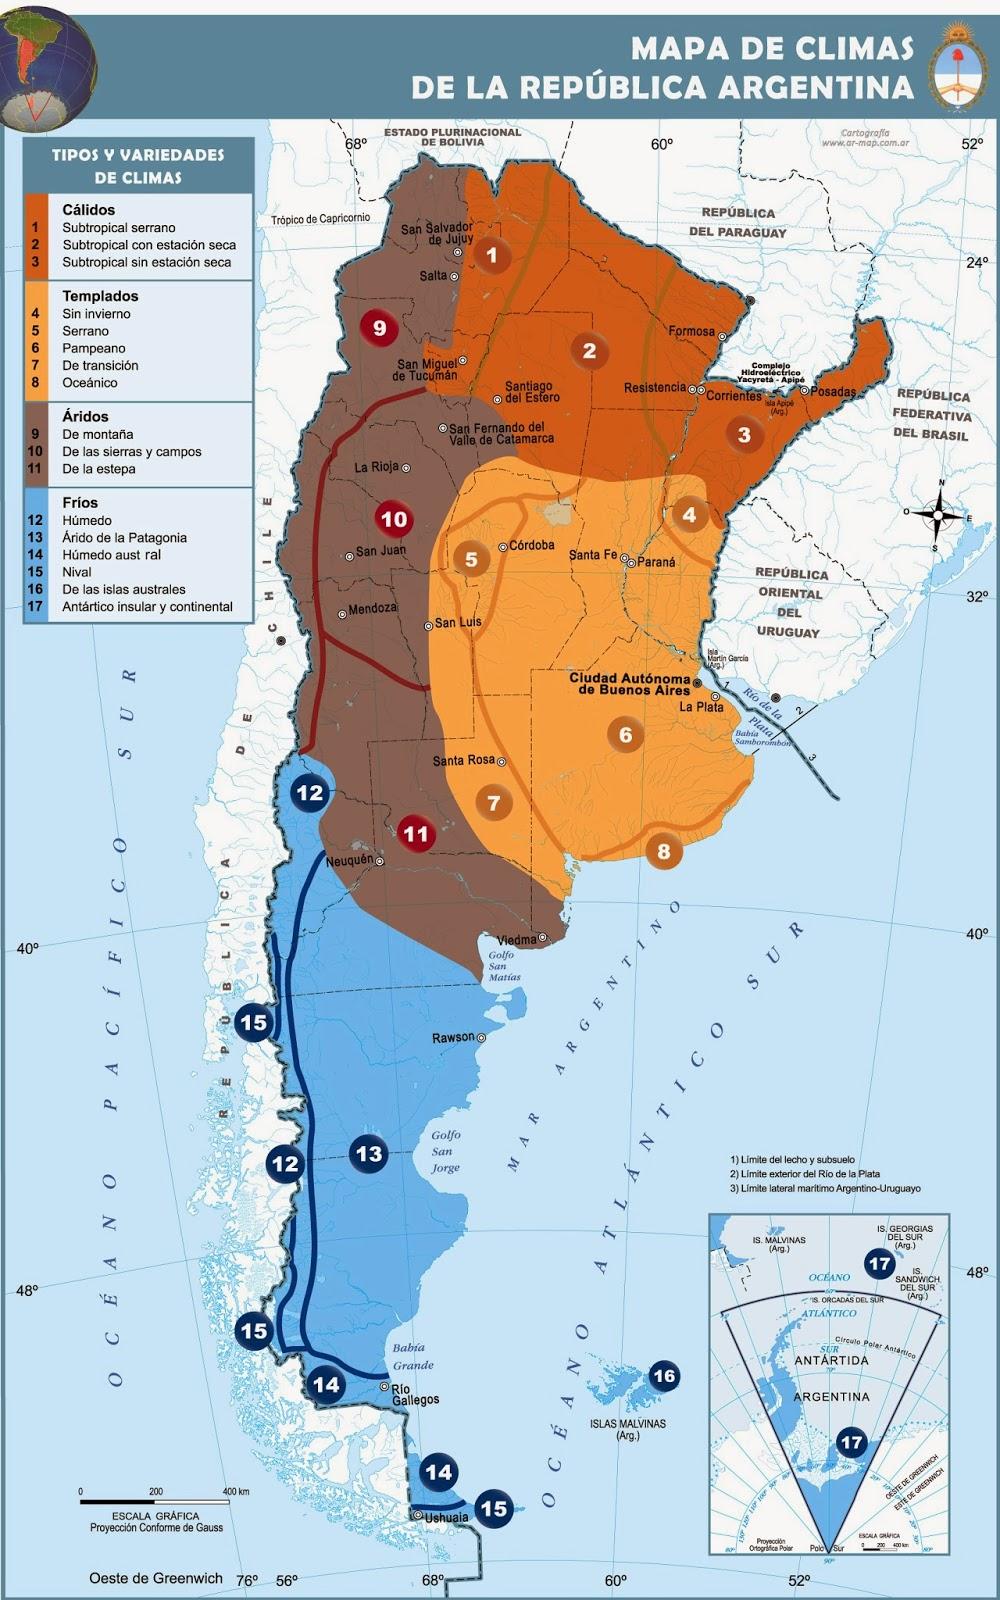 Geograf a 4 1 ambientes y recursos naturales for Ambientes de argentina